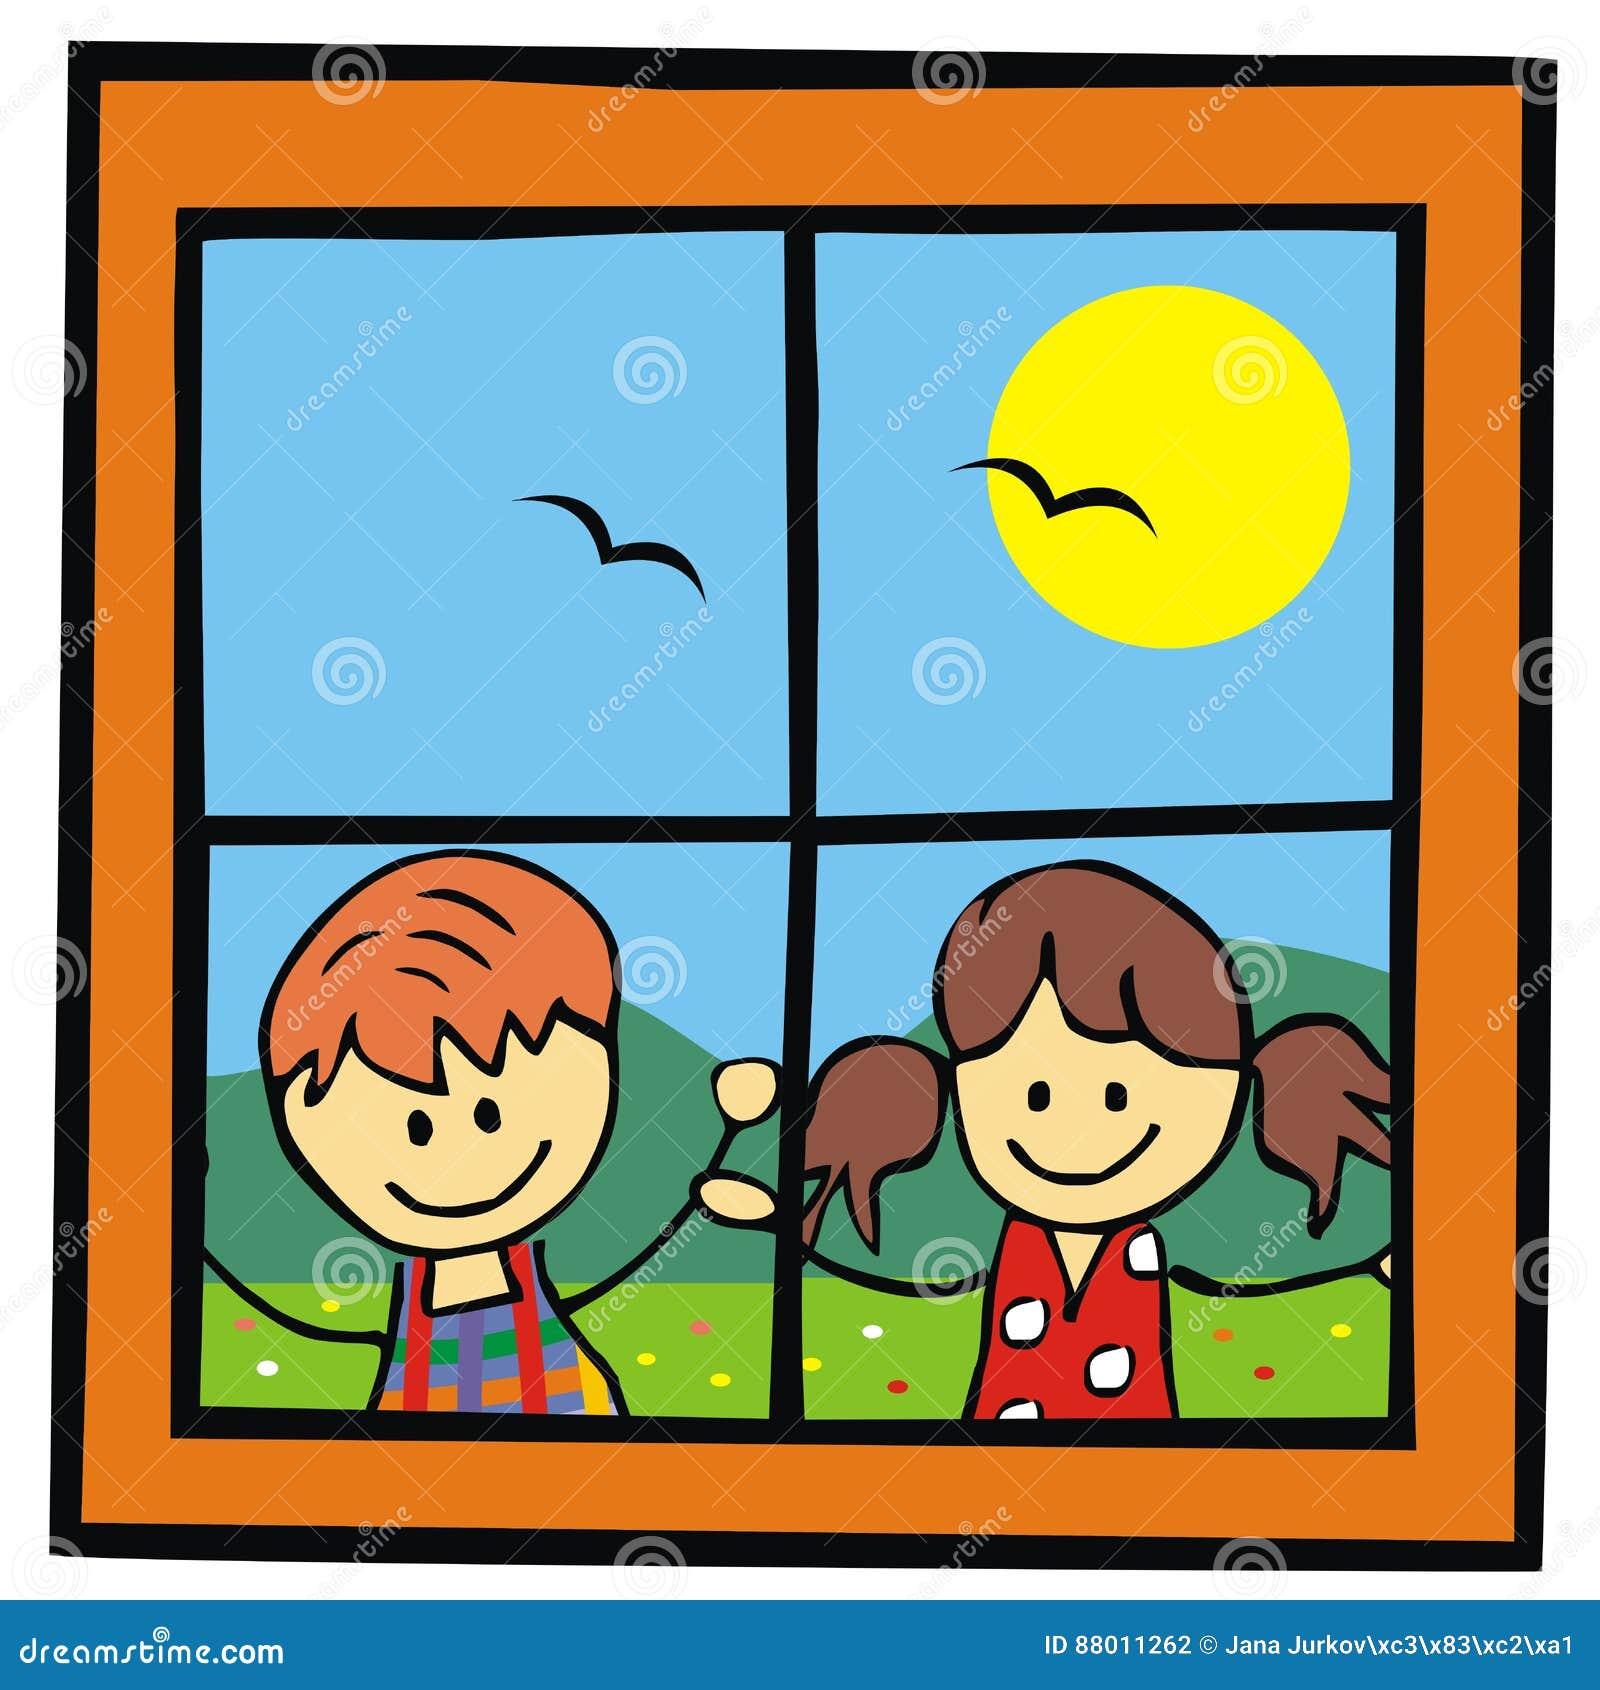 Bambini e finestra illustrazione vettoriale illustrazione for Disegno di finestra aperta